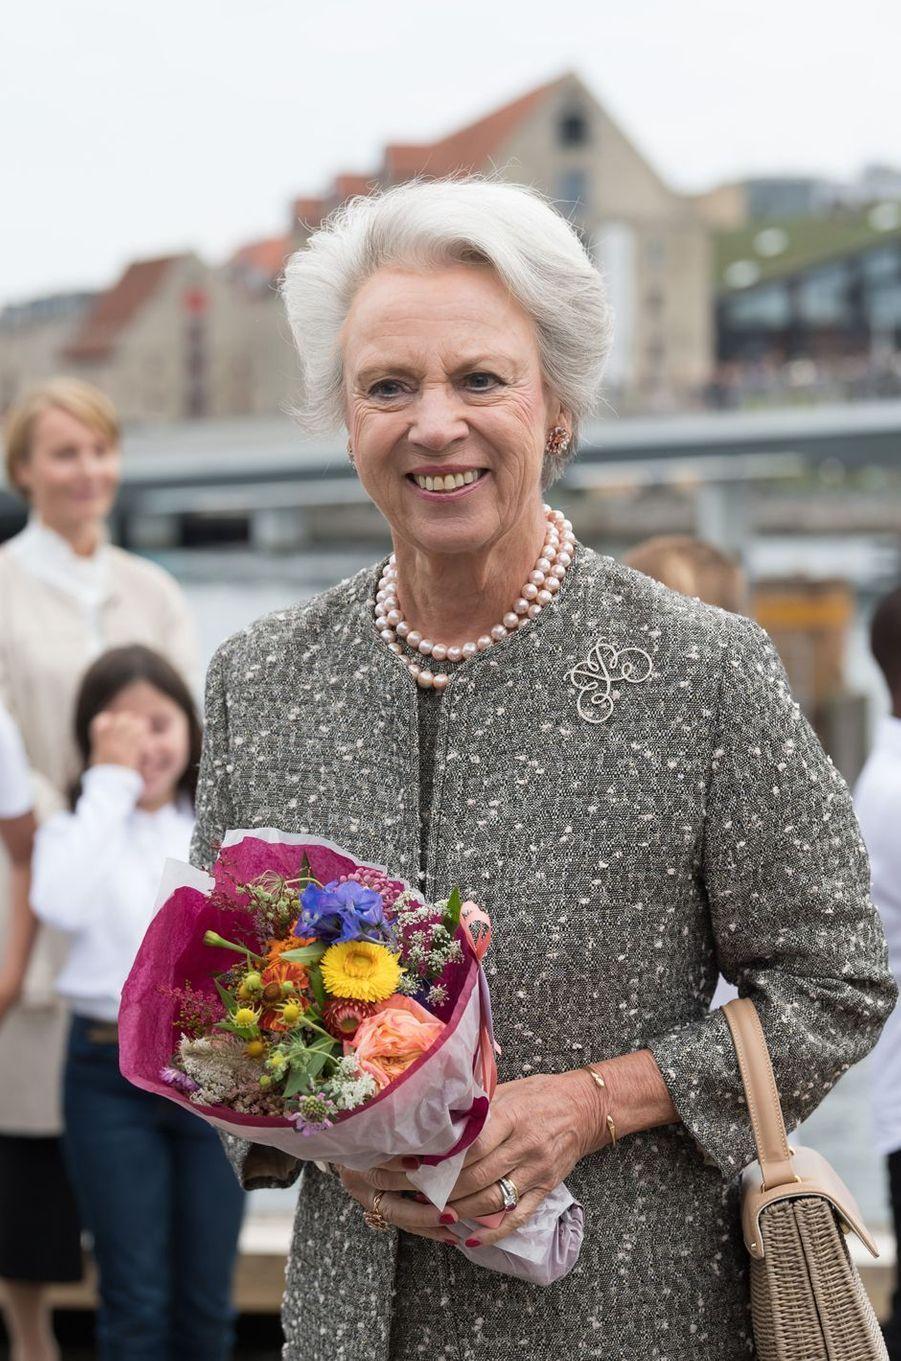 La princesse Benedikte de Danemark à Copenhague, le 29 août 2018